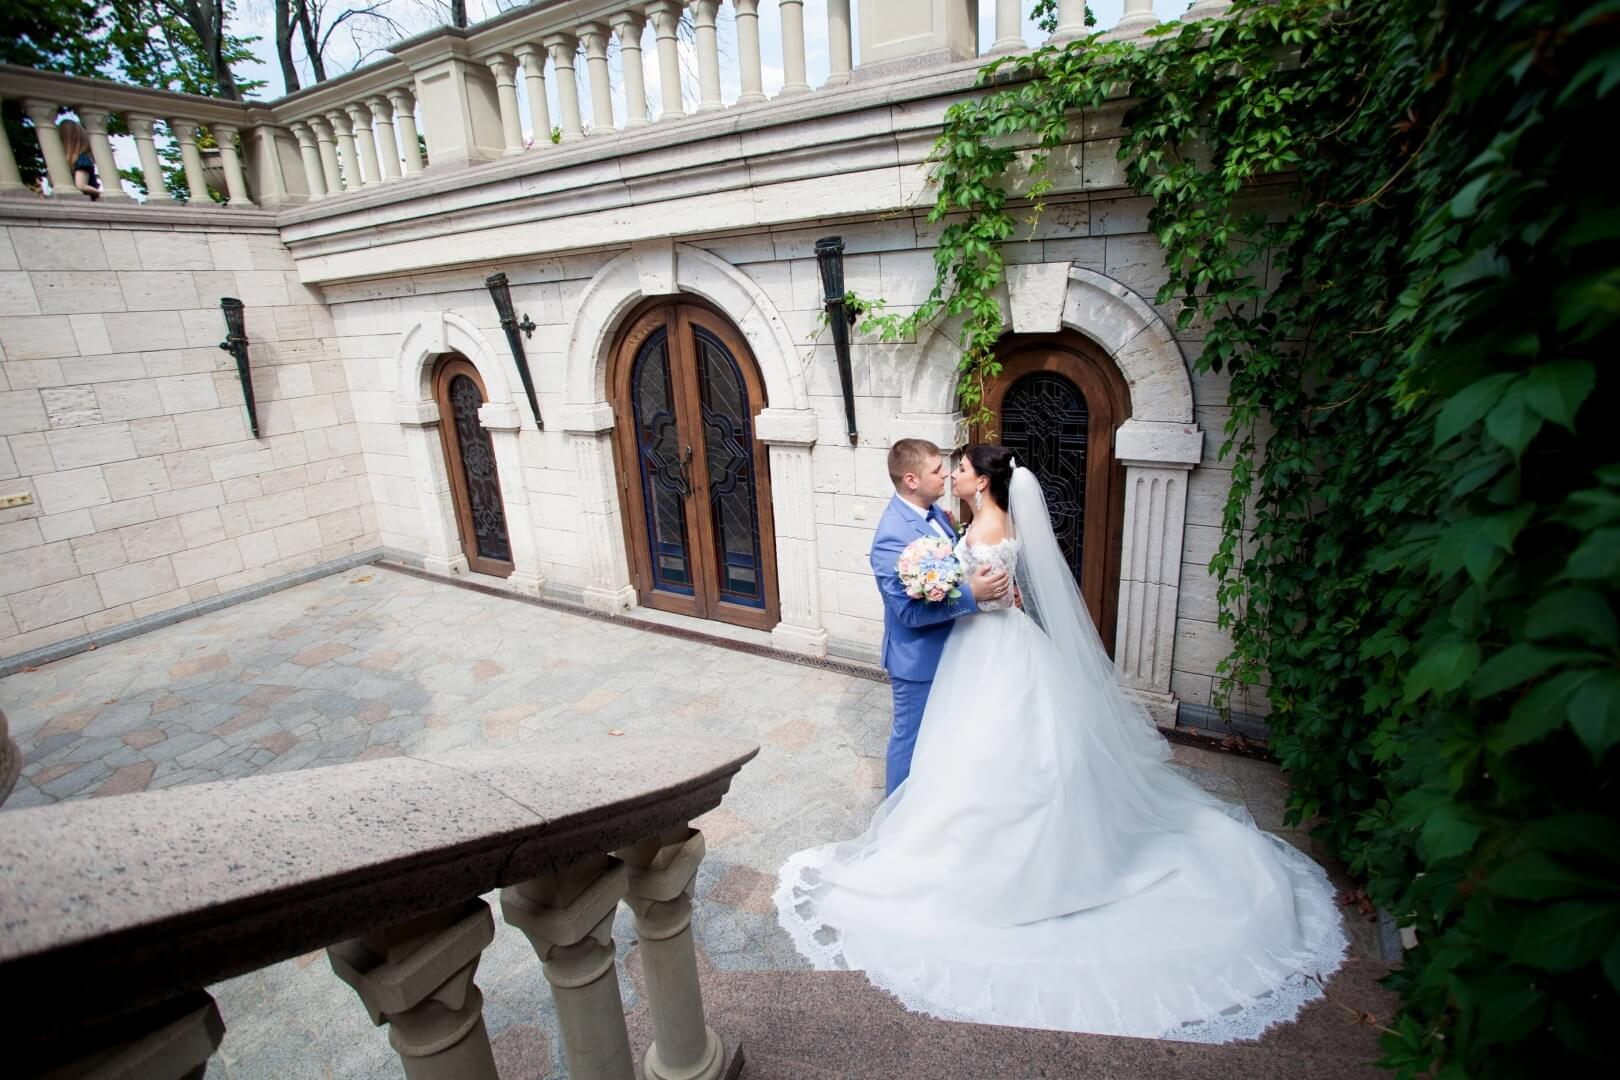 fotograf na svad'bu kiev, fotograf kiev nedorogo, olh fotograf kiev, nuzhen fotograf kiev, Fotograf kiev, svadebnaja fotosessija v Mezhigor'e (18)